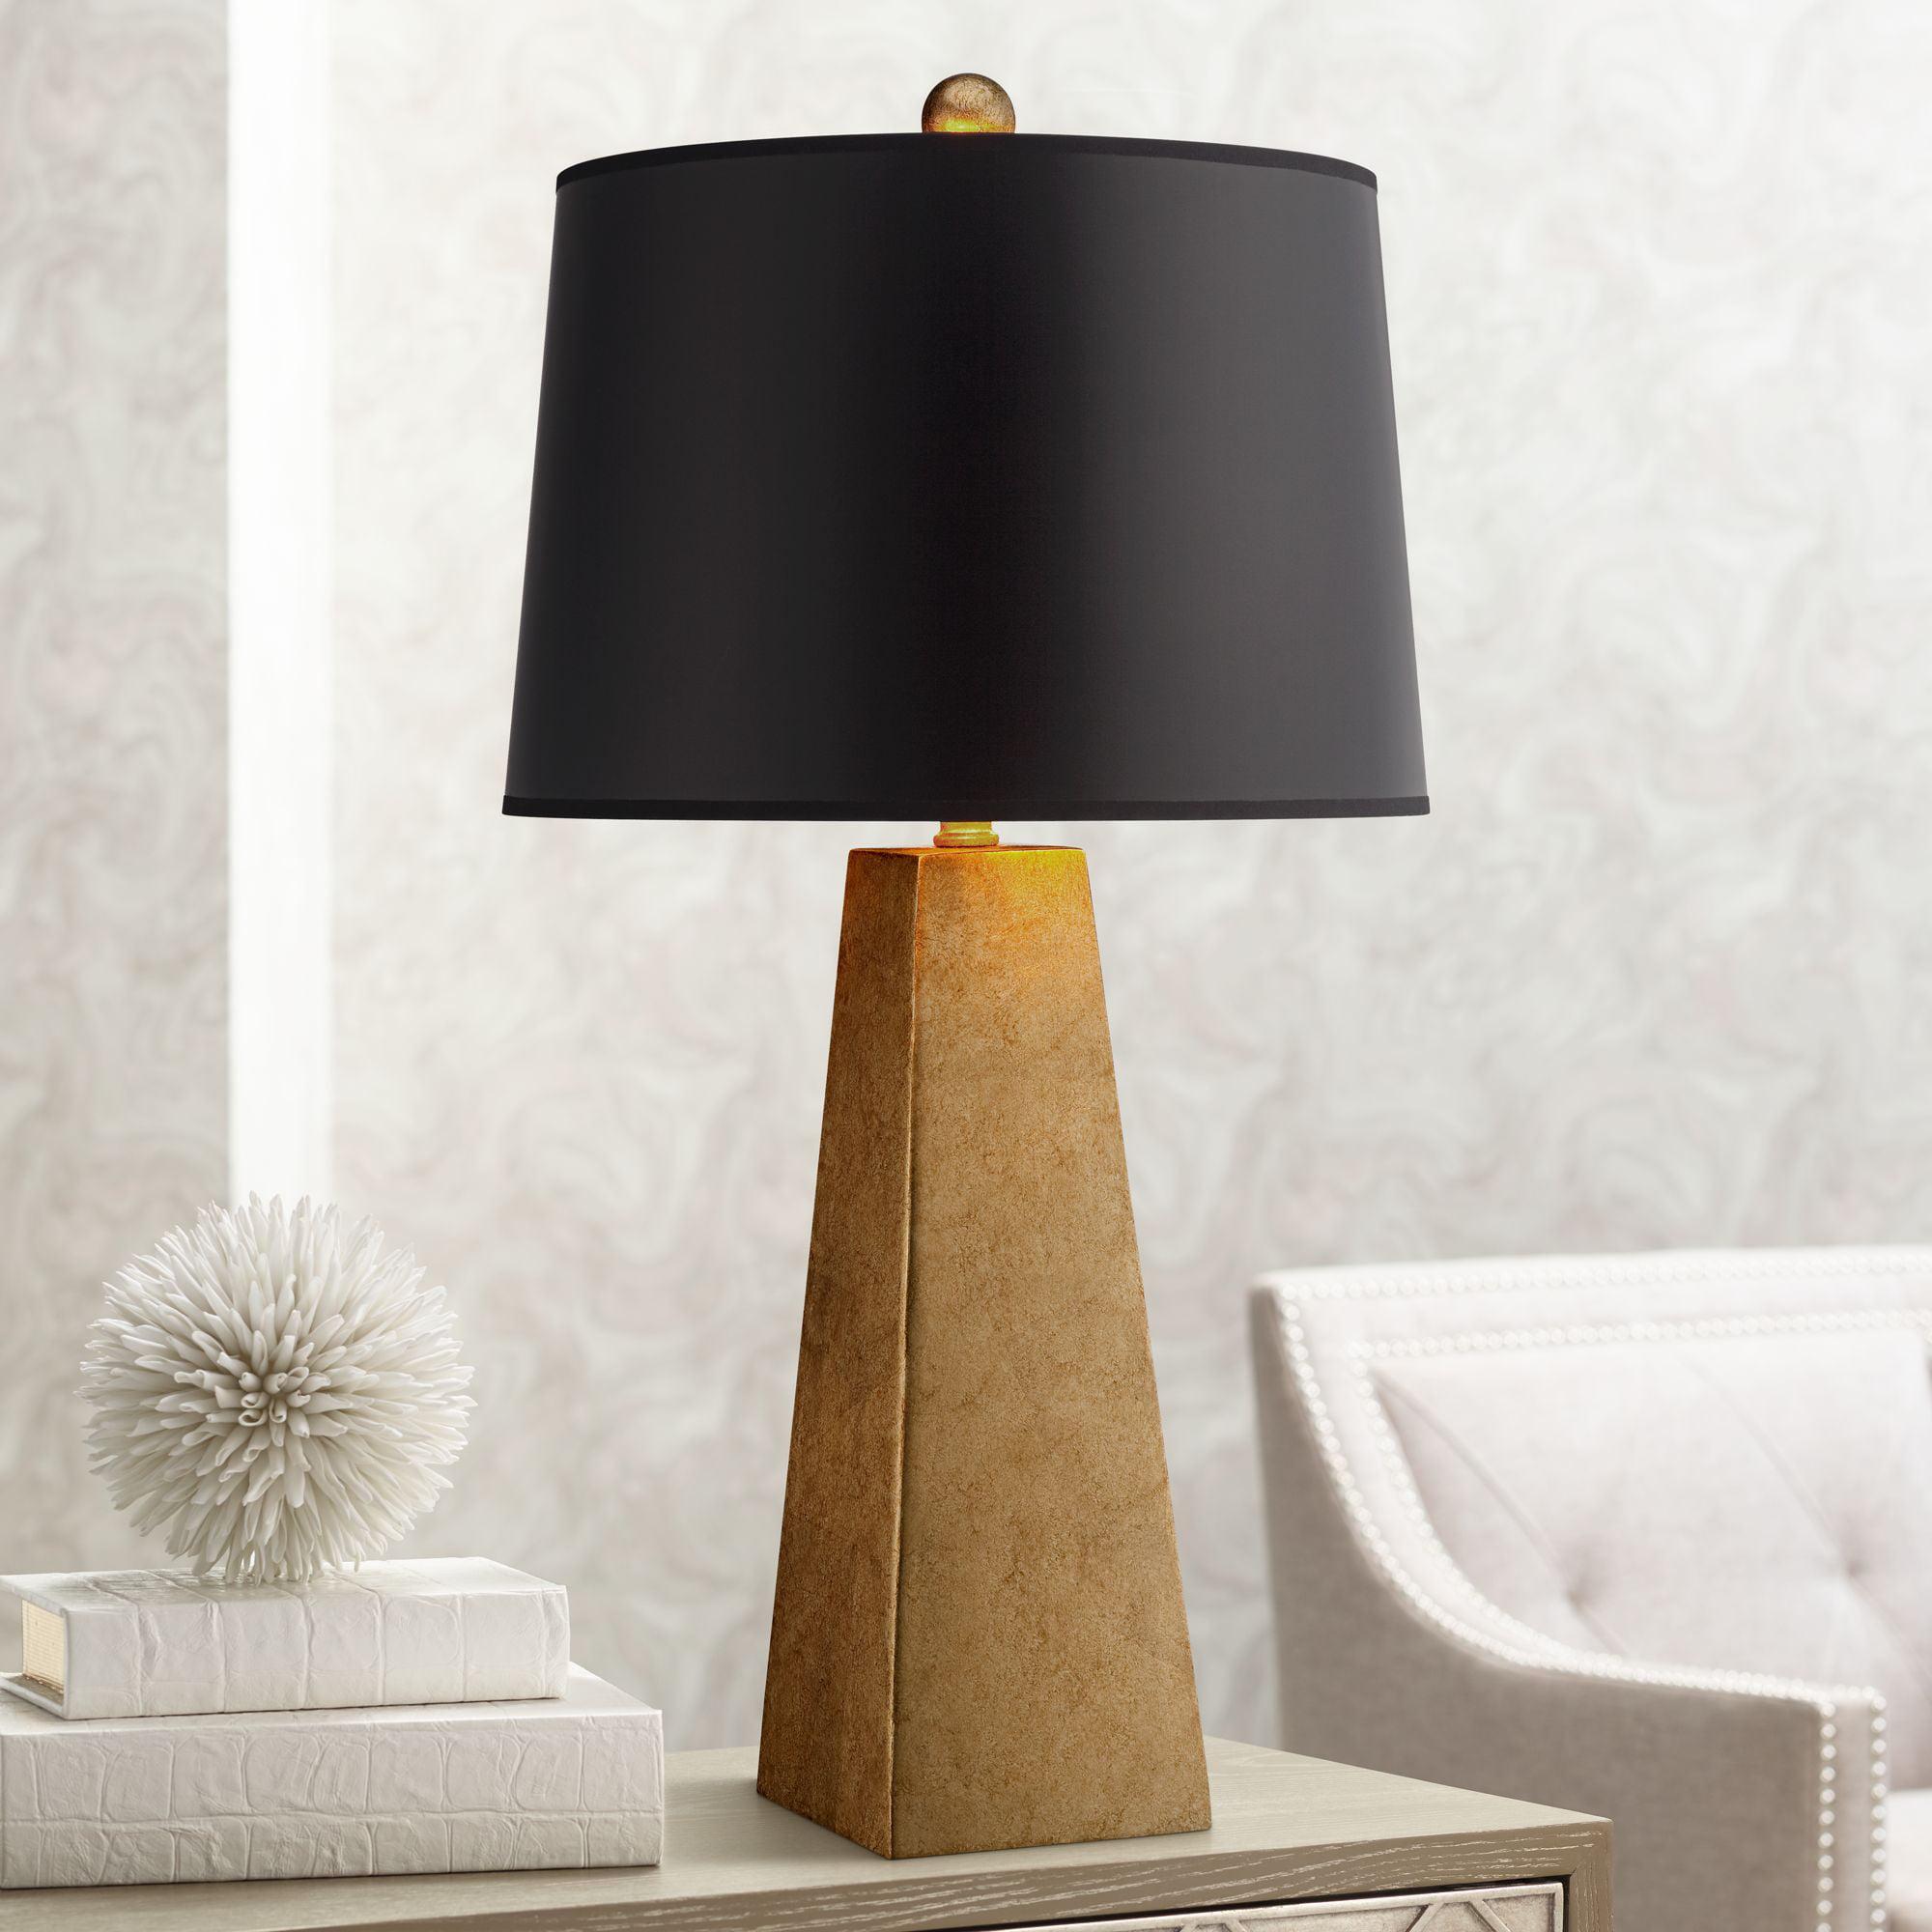 Possini Euro Design Modern Table Lamp Luxe Obelisk Gold Foil Black